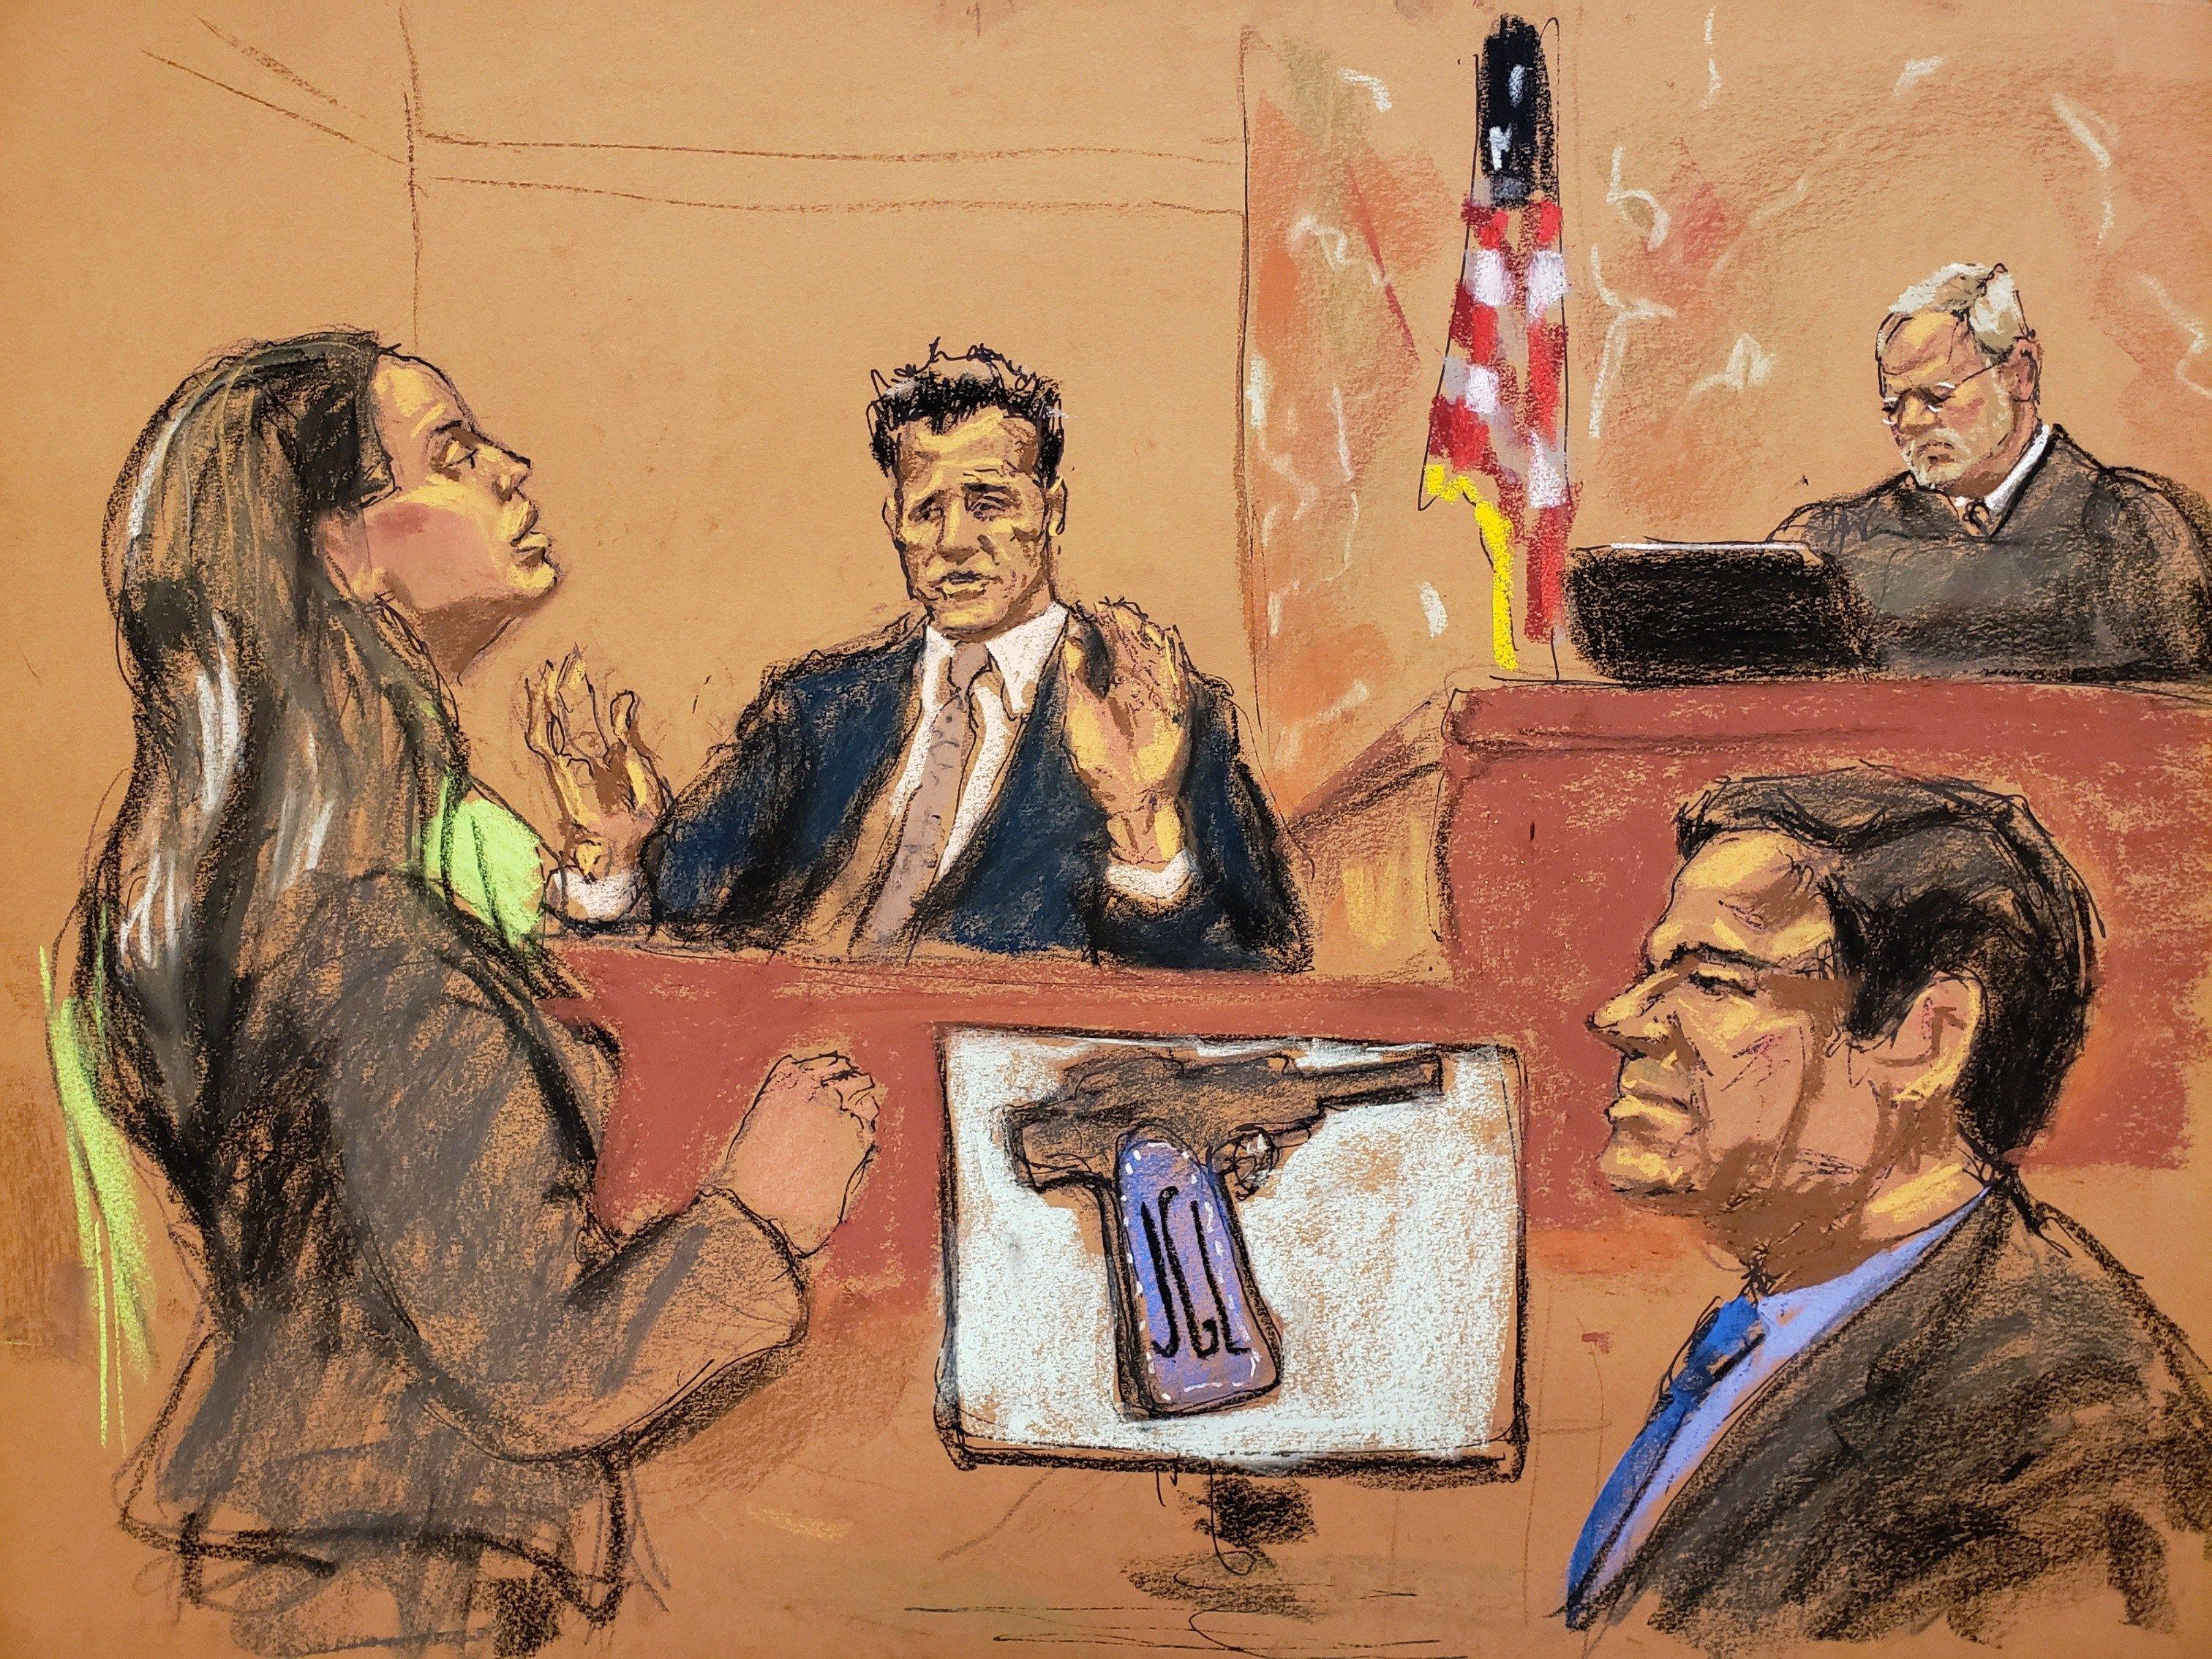 """MIA55. NUEVA YORK (NY, EEUU), 17/01/2019.- Reproducción fotográfica de un dibujo realizado por la artista Jane Rosenberg donde aparece la asistente del Fiscal de Estados Unidos, Andrea Goldbarg (i), mientras pregunta al agente de la DEA Víctor Vázquez (2i), frente al juez de la corte federal de Brooklyn Brian Cogan (arriba), y el narcotraficante mexicano Joaquín """"El Chapo"""" Guzmán (d) hoy en el tribunal del Distrito Sur en Brooklyn, Nueva York (EE.UU.). Un agente de la DEA explicó hoy cómo fue la operación para detener a Joaquín """"El Chapo"""" Guzmán en febrero de 2014, cuando el narco fue capturado por un equipo de 24 marines mexicanos en un hotel de Mazatlán. EFE/Jane Rosenberg"""